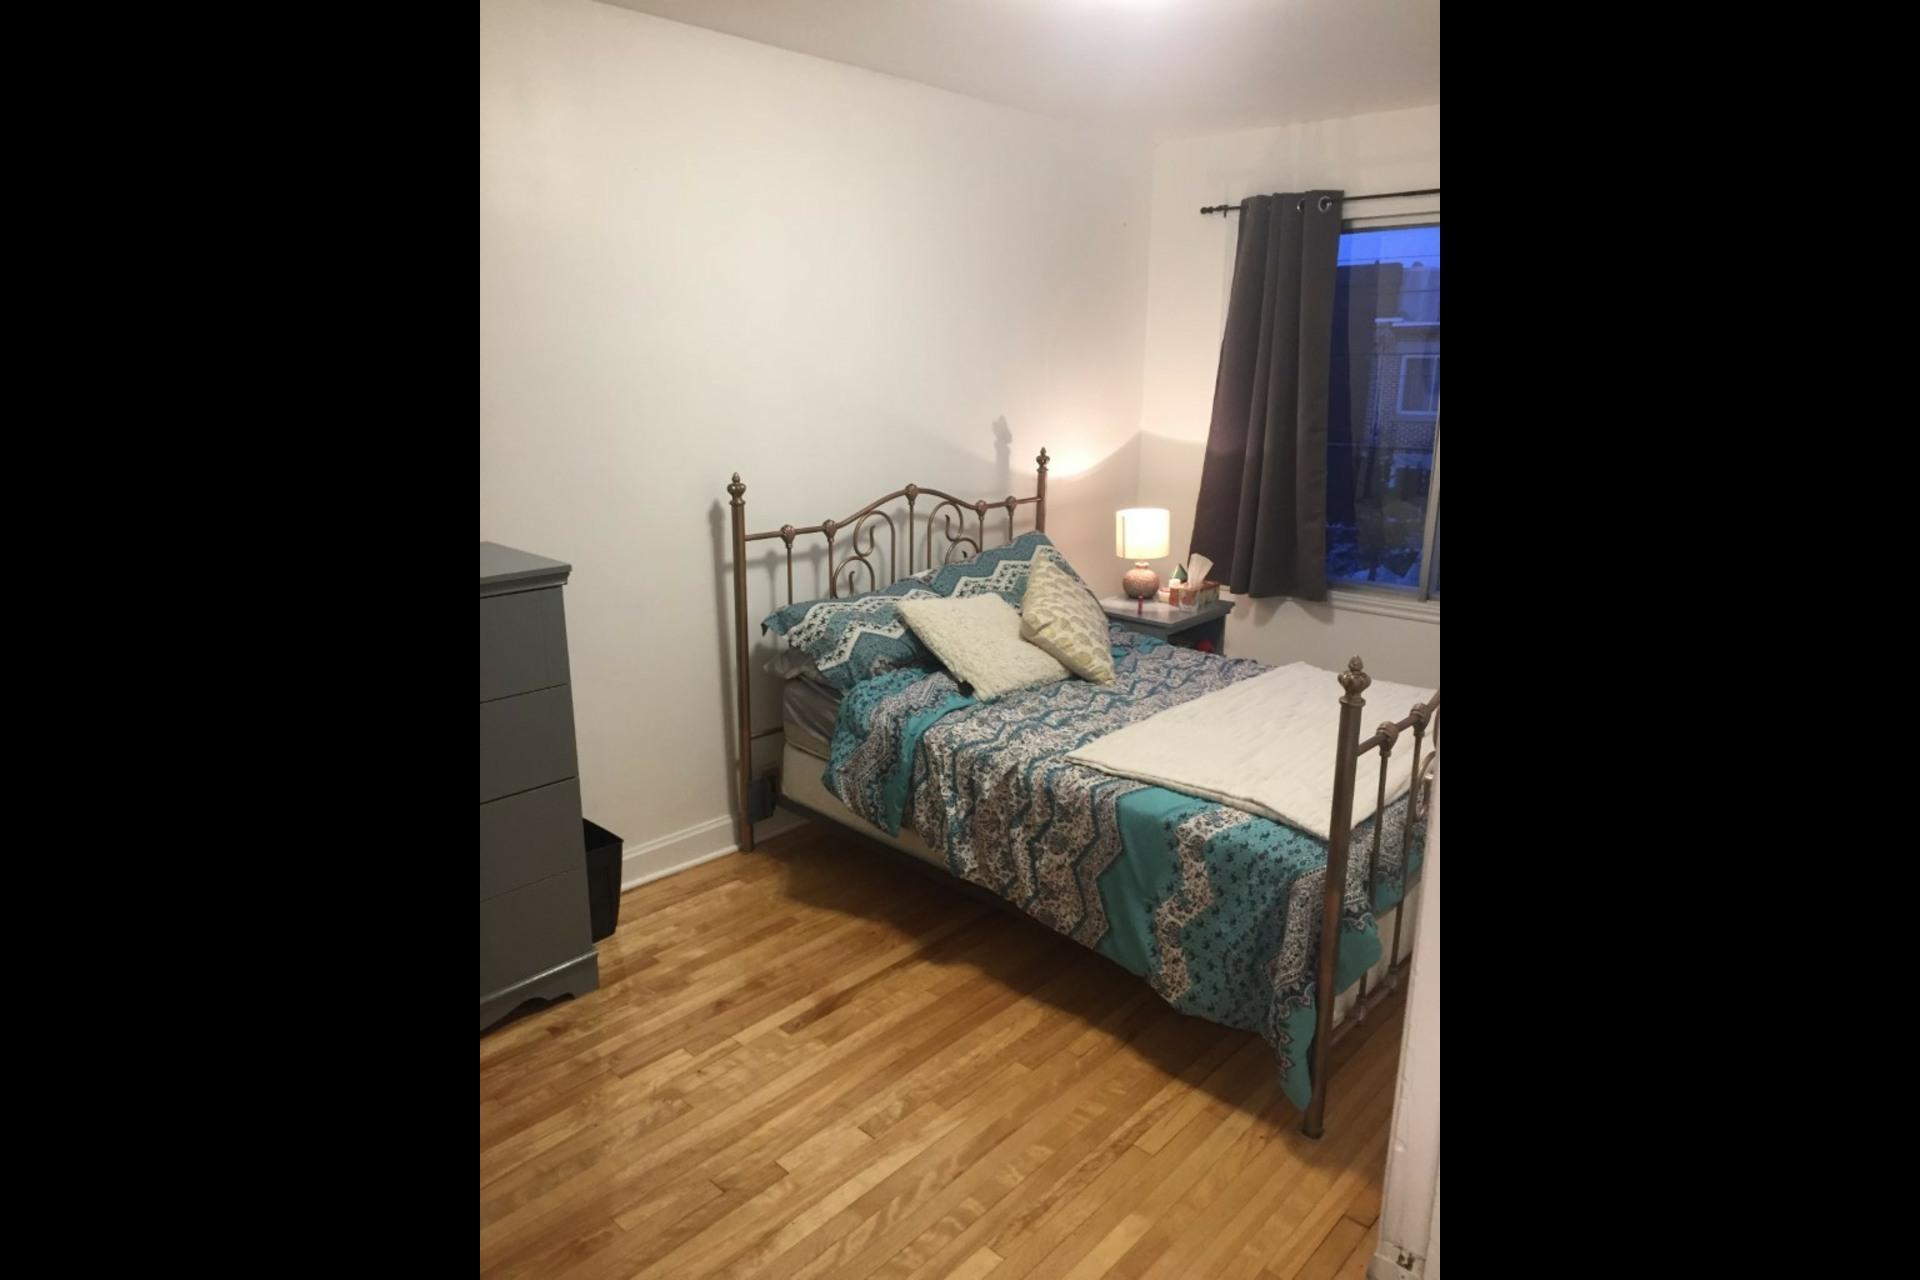 image 1 - Appartement À louer Montréal Saint-Michel - 5 pièces